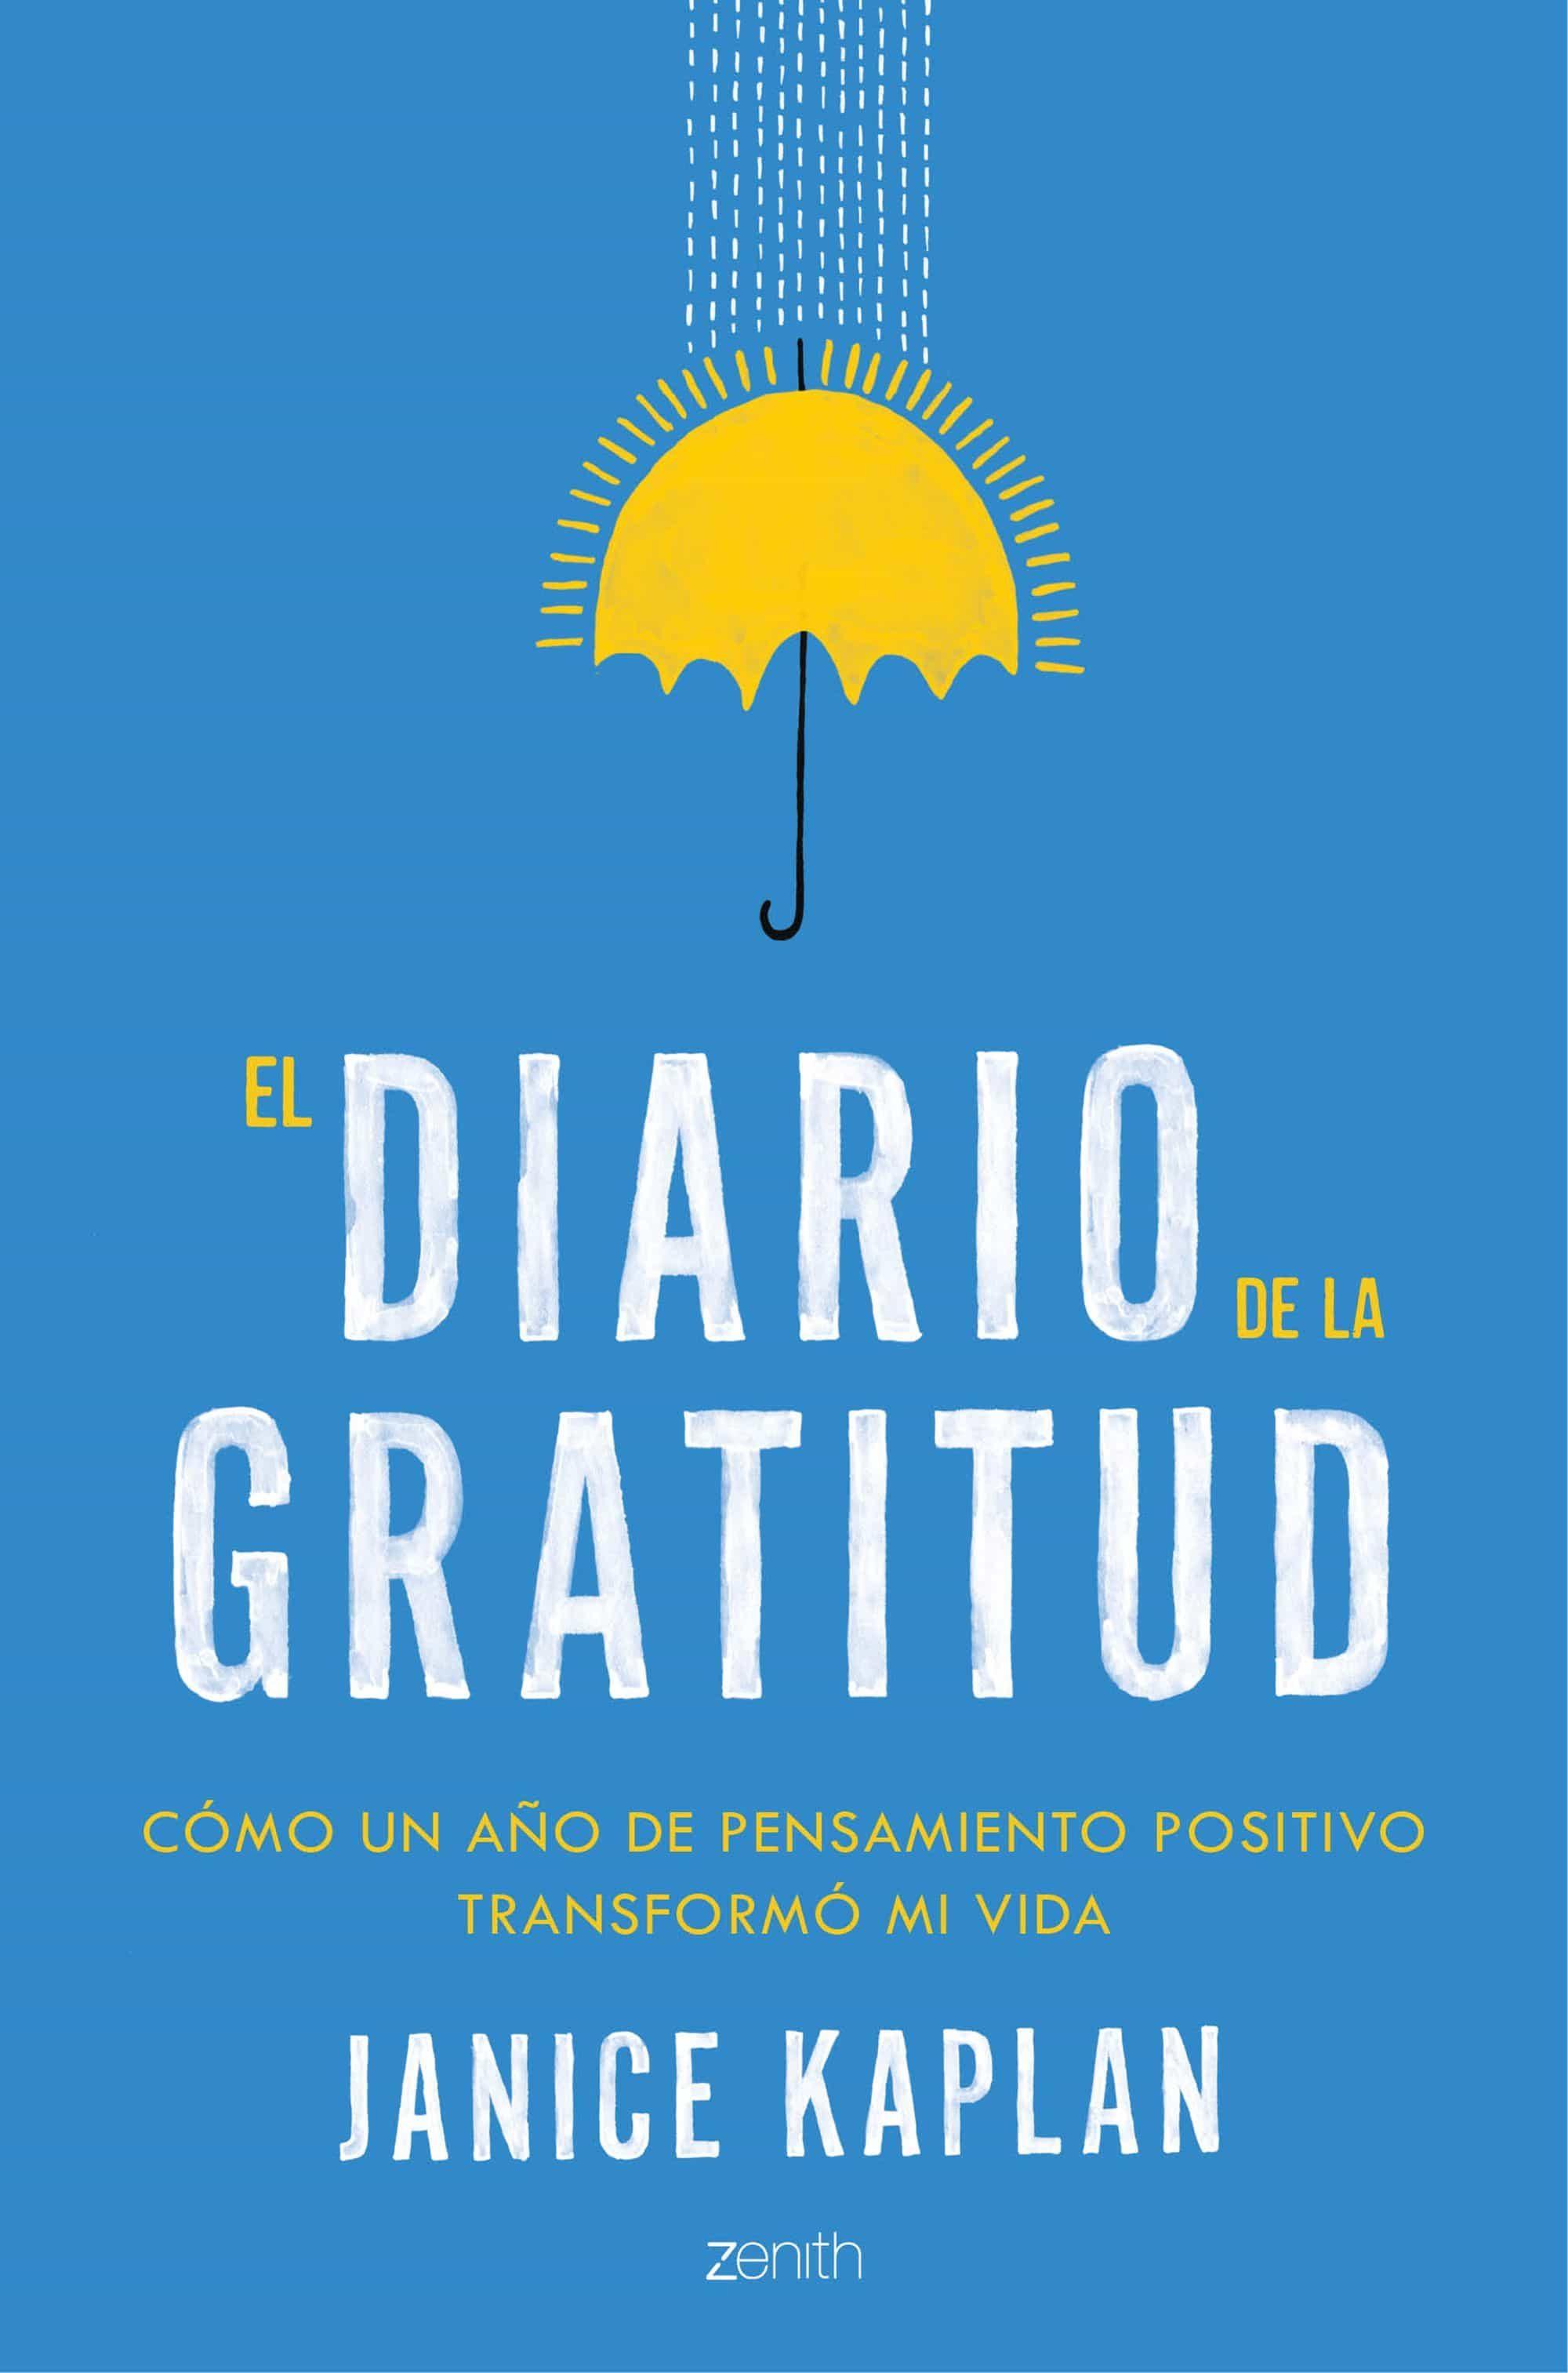 el diario de la gratitud: como un año de pensamiento positivo transformo mi vida-janice kaplan-9788408148685